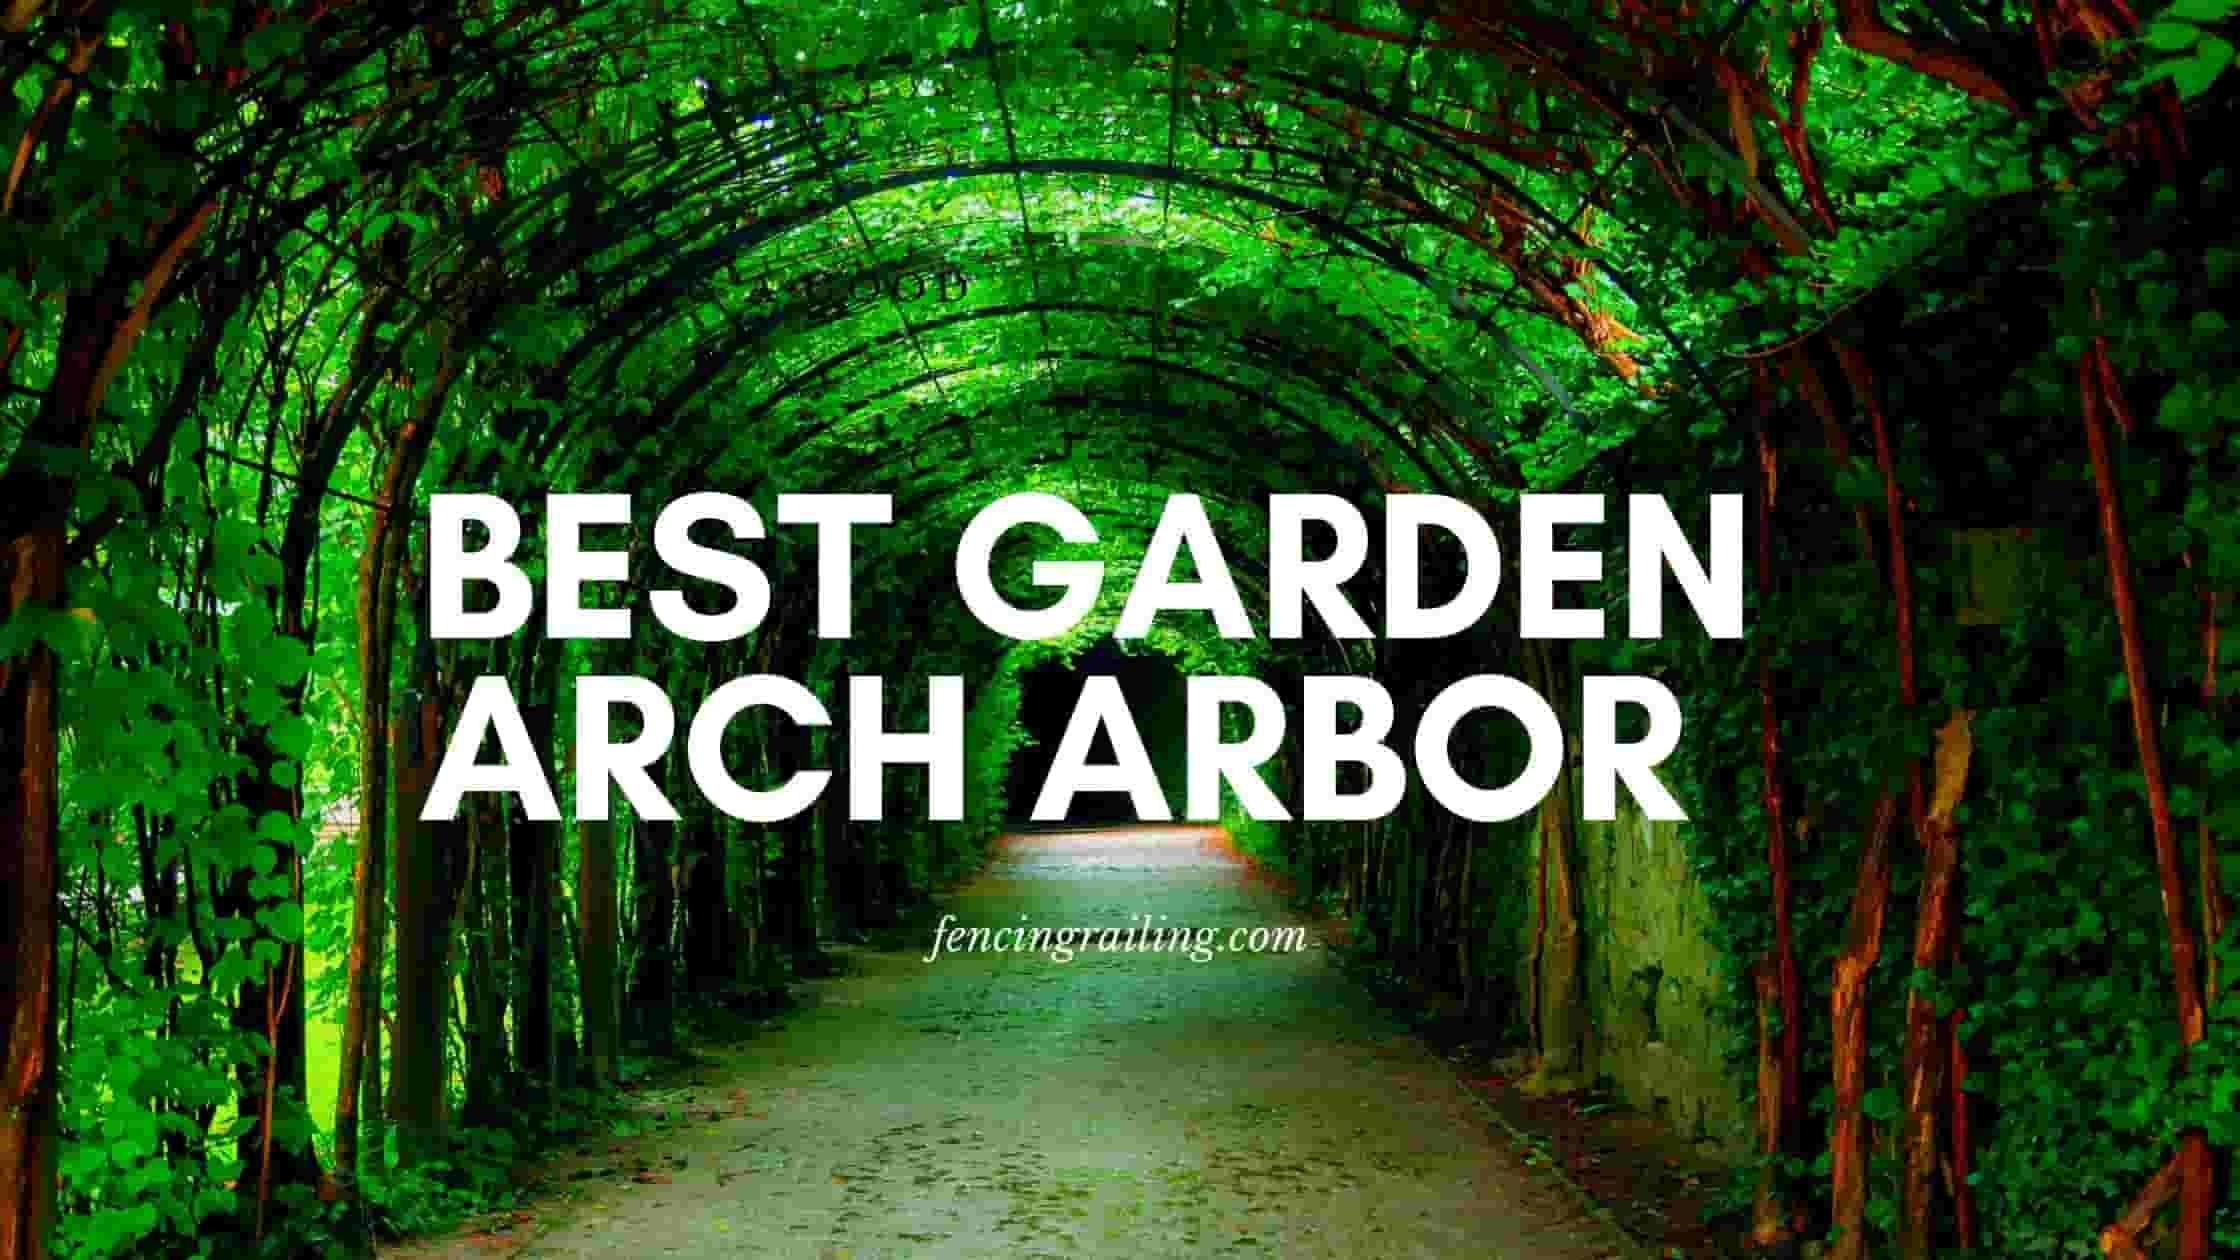 Best Garden Arch Arbor